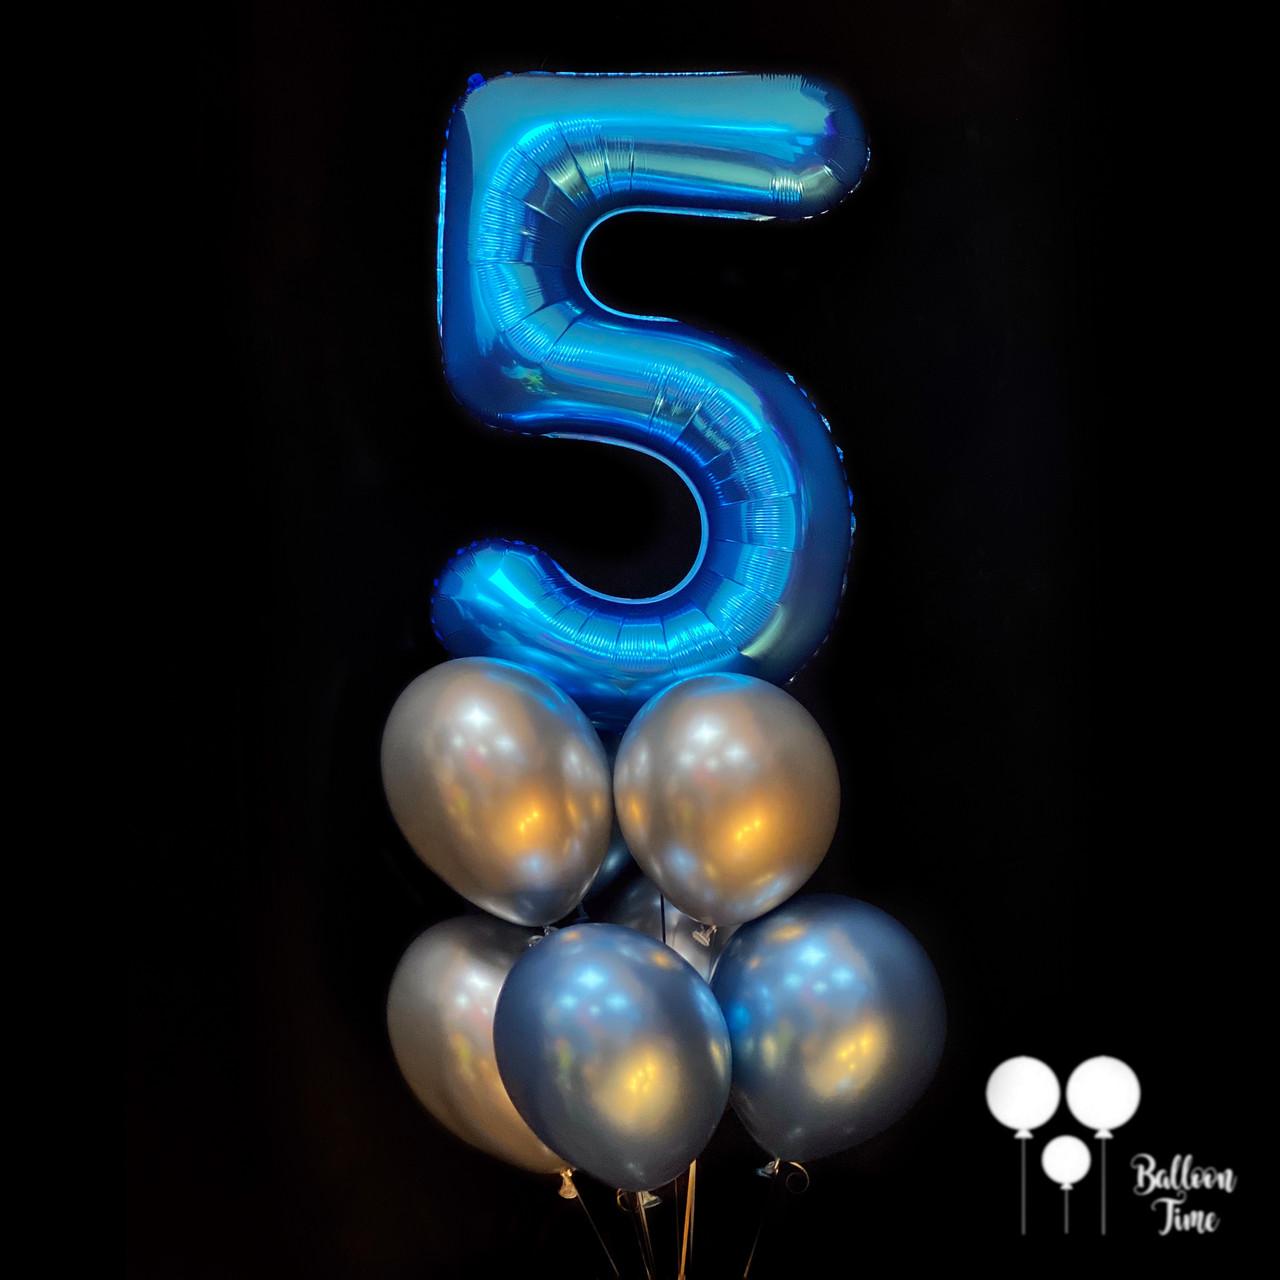 Фонтан из хром шаров  с цифрой 5 для мальчика